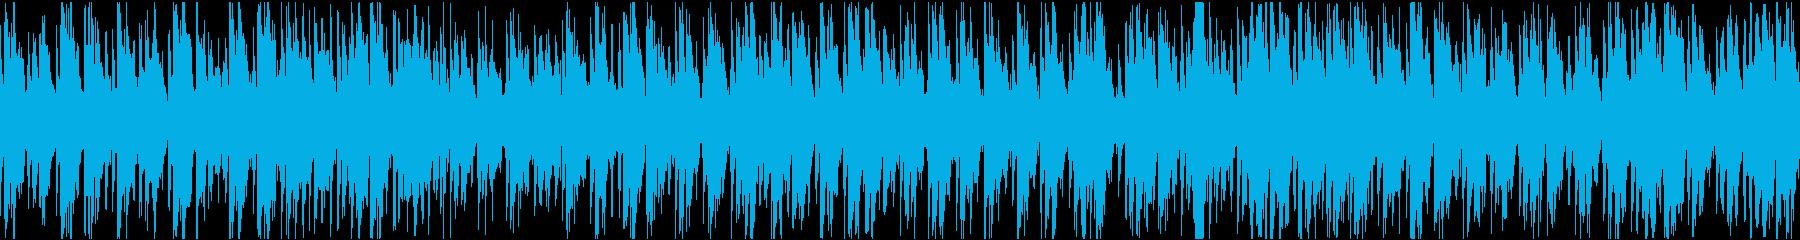 のんびりゆったりウクレレ&ギター/ループの再生済みの波形